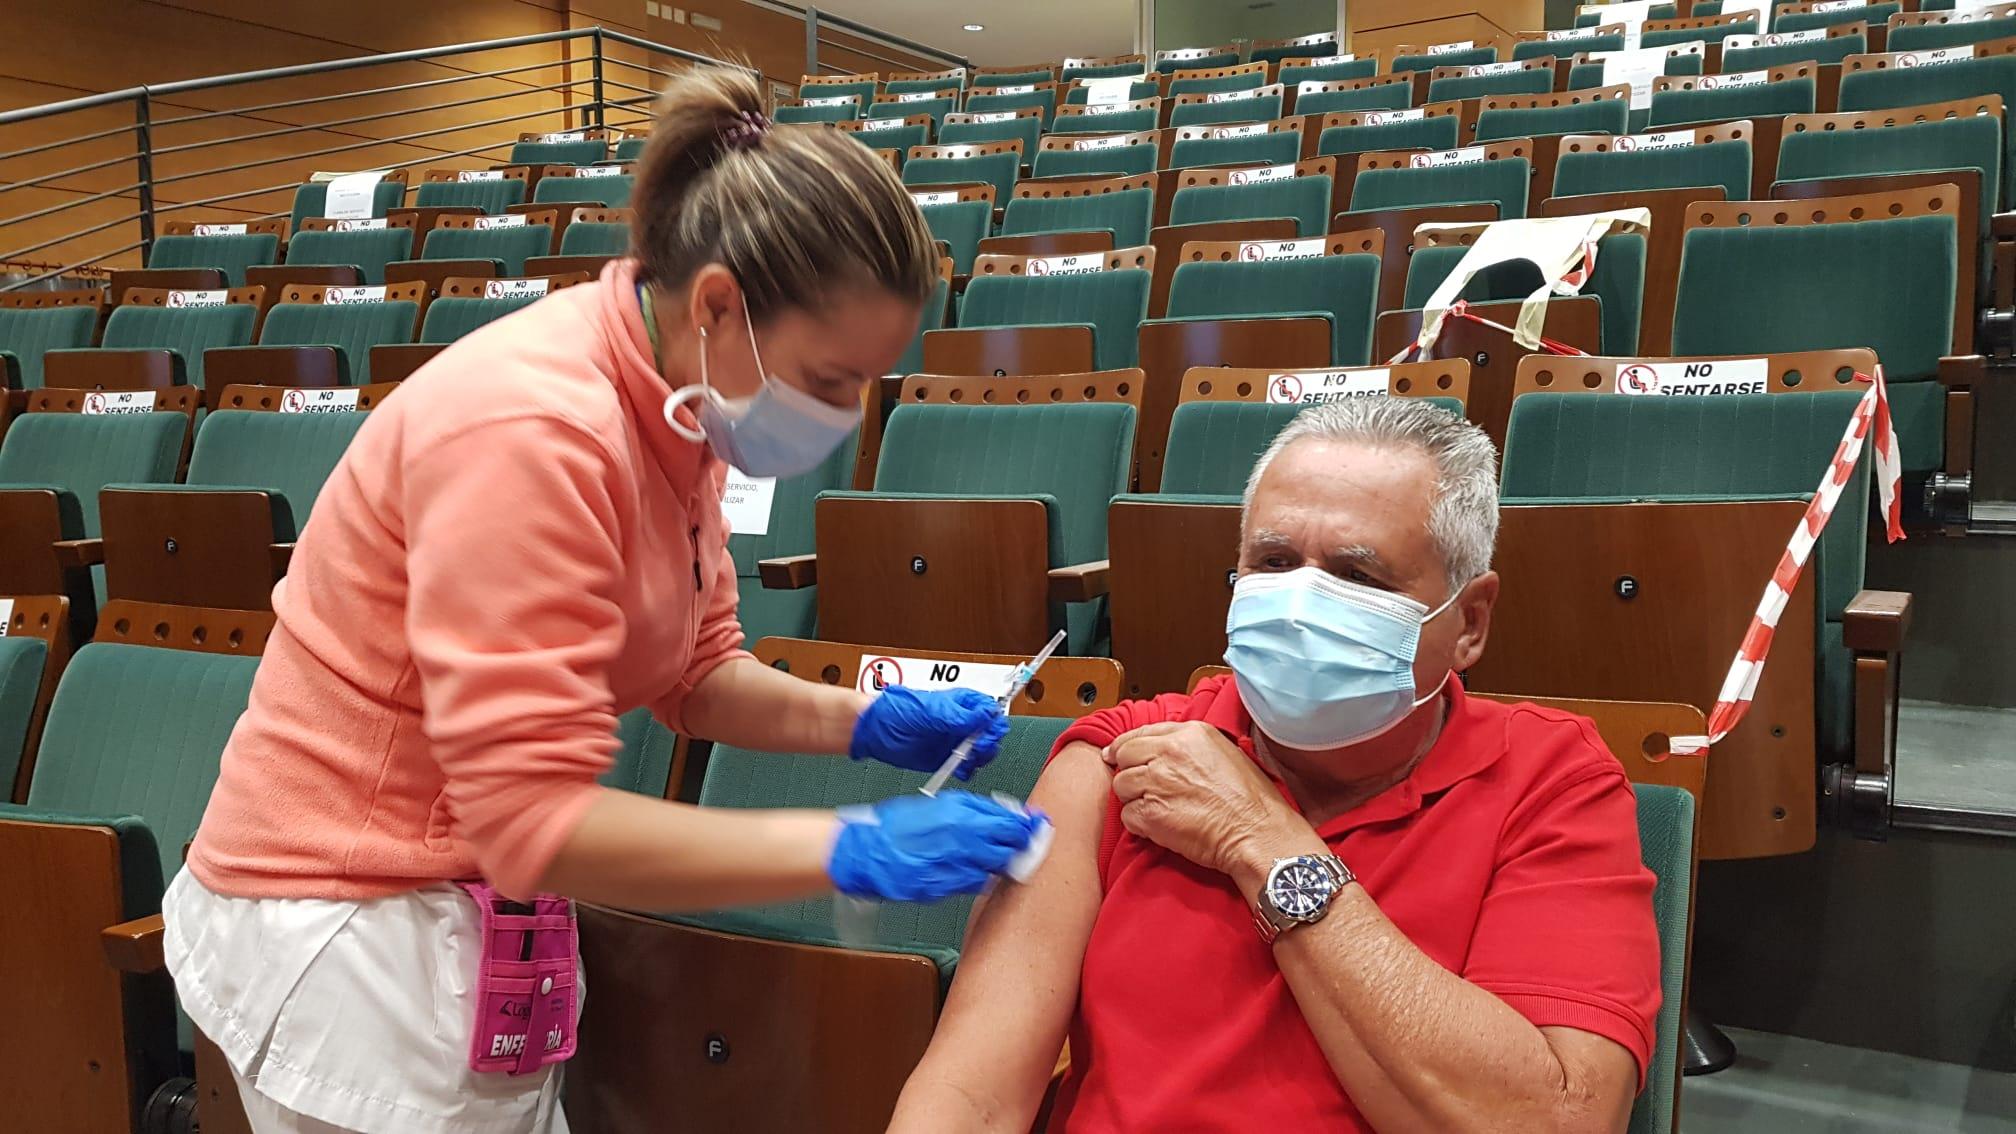 Canarias administra 367.425 dosis de vacunas contra la COVID-19